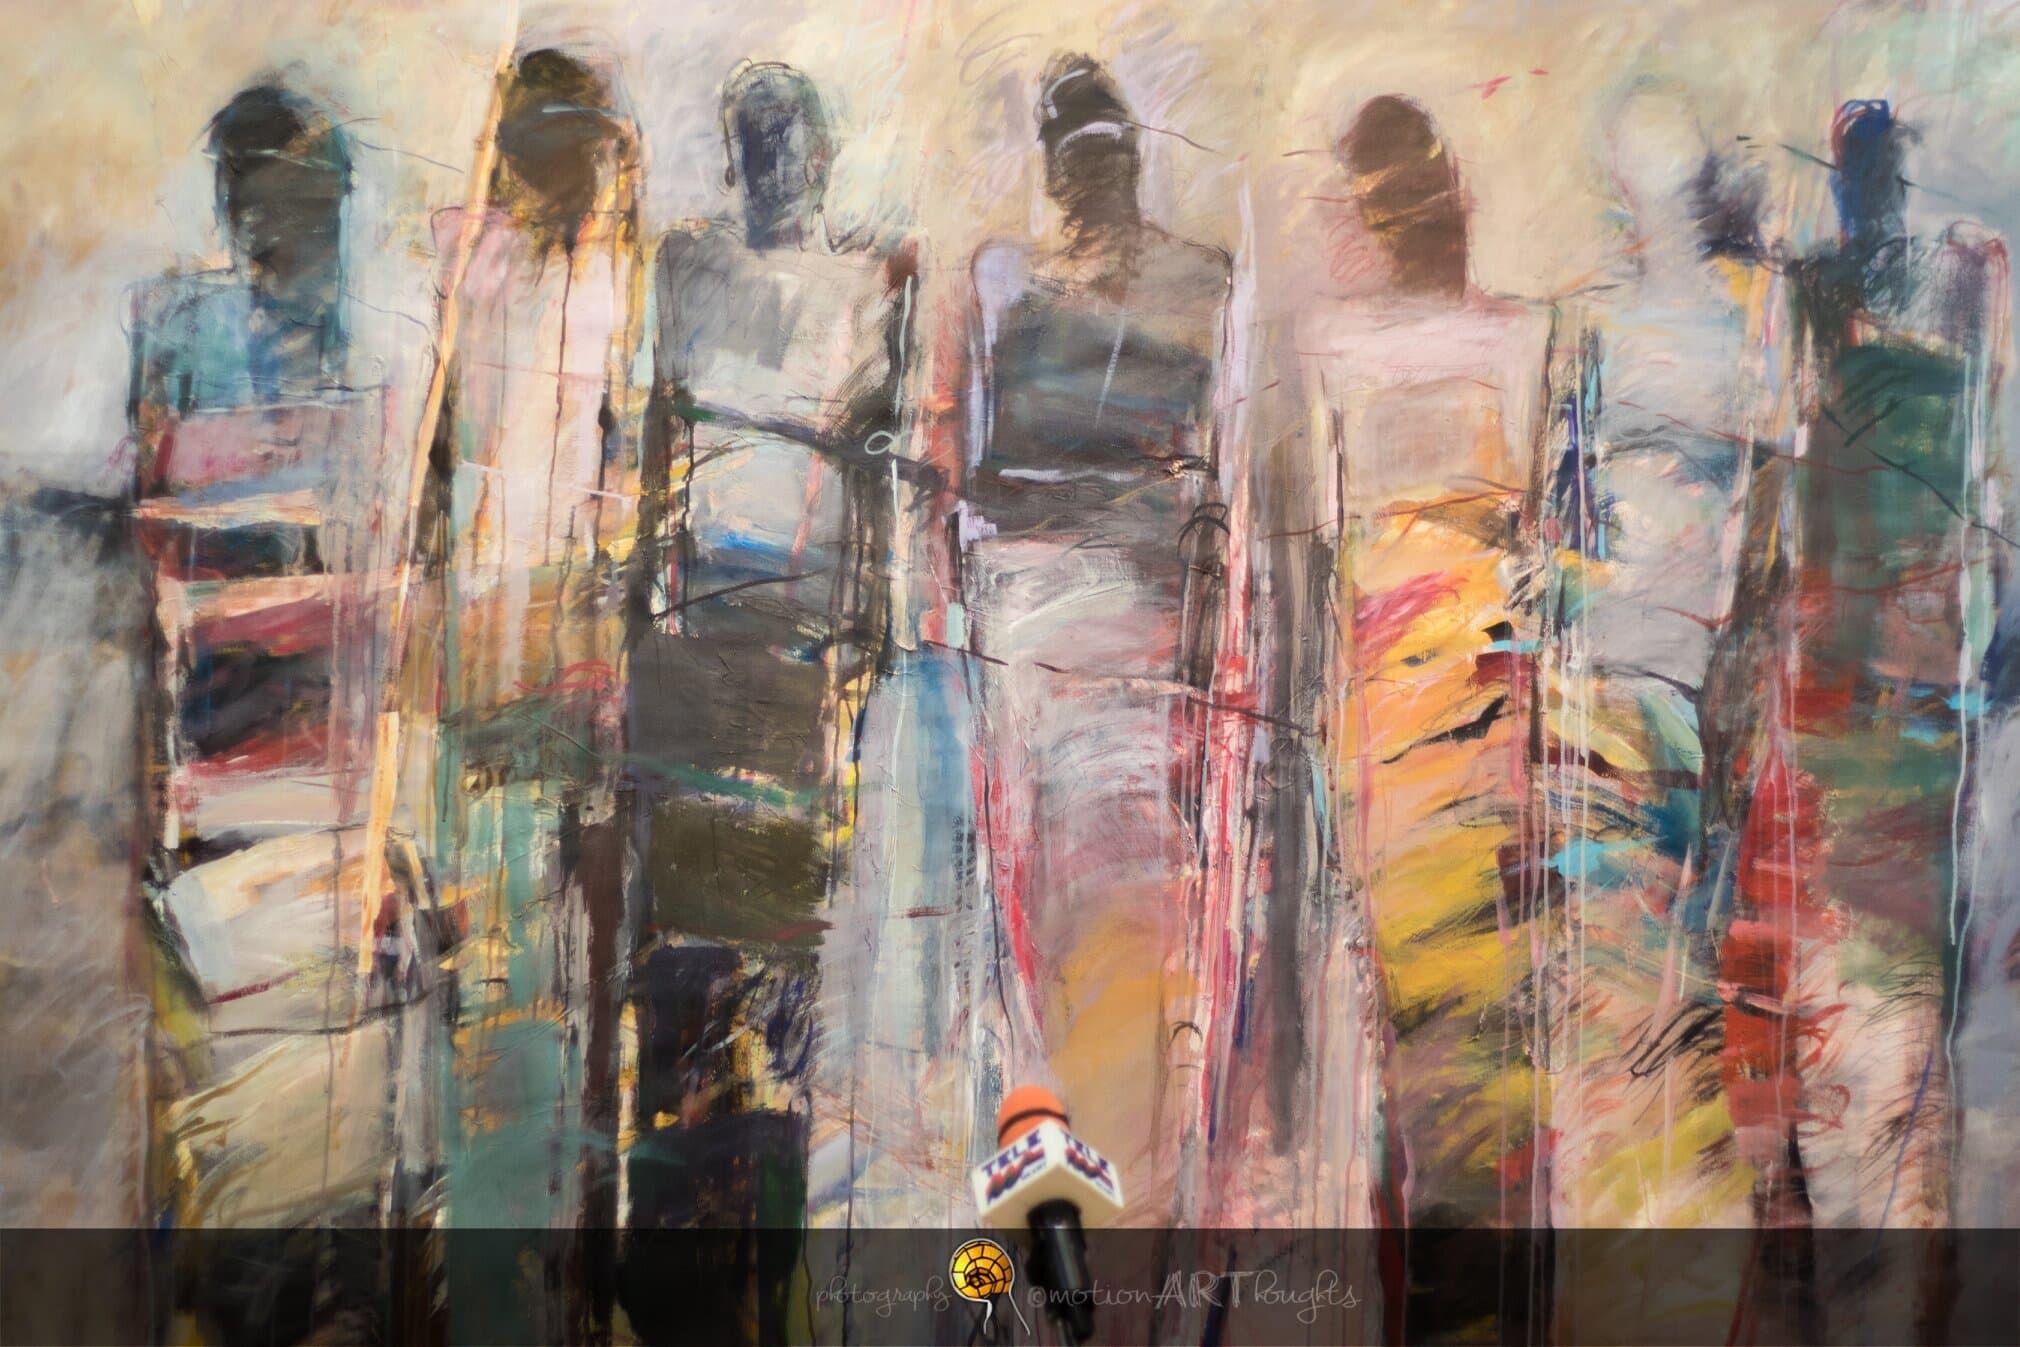 Materia Convulasiva Galerie, Pictura